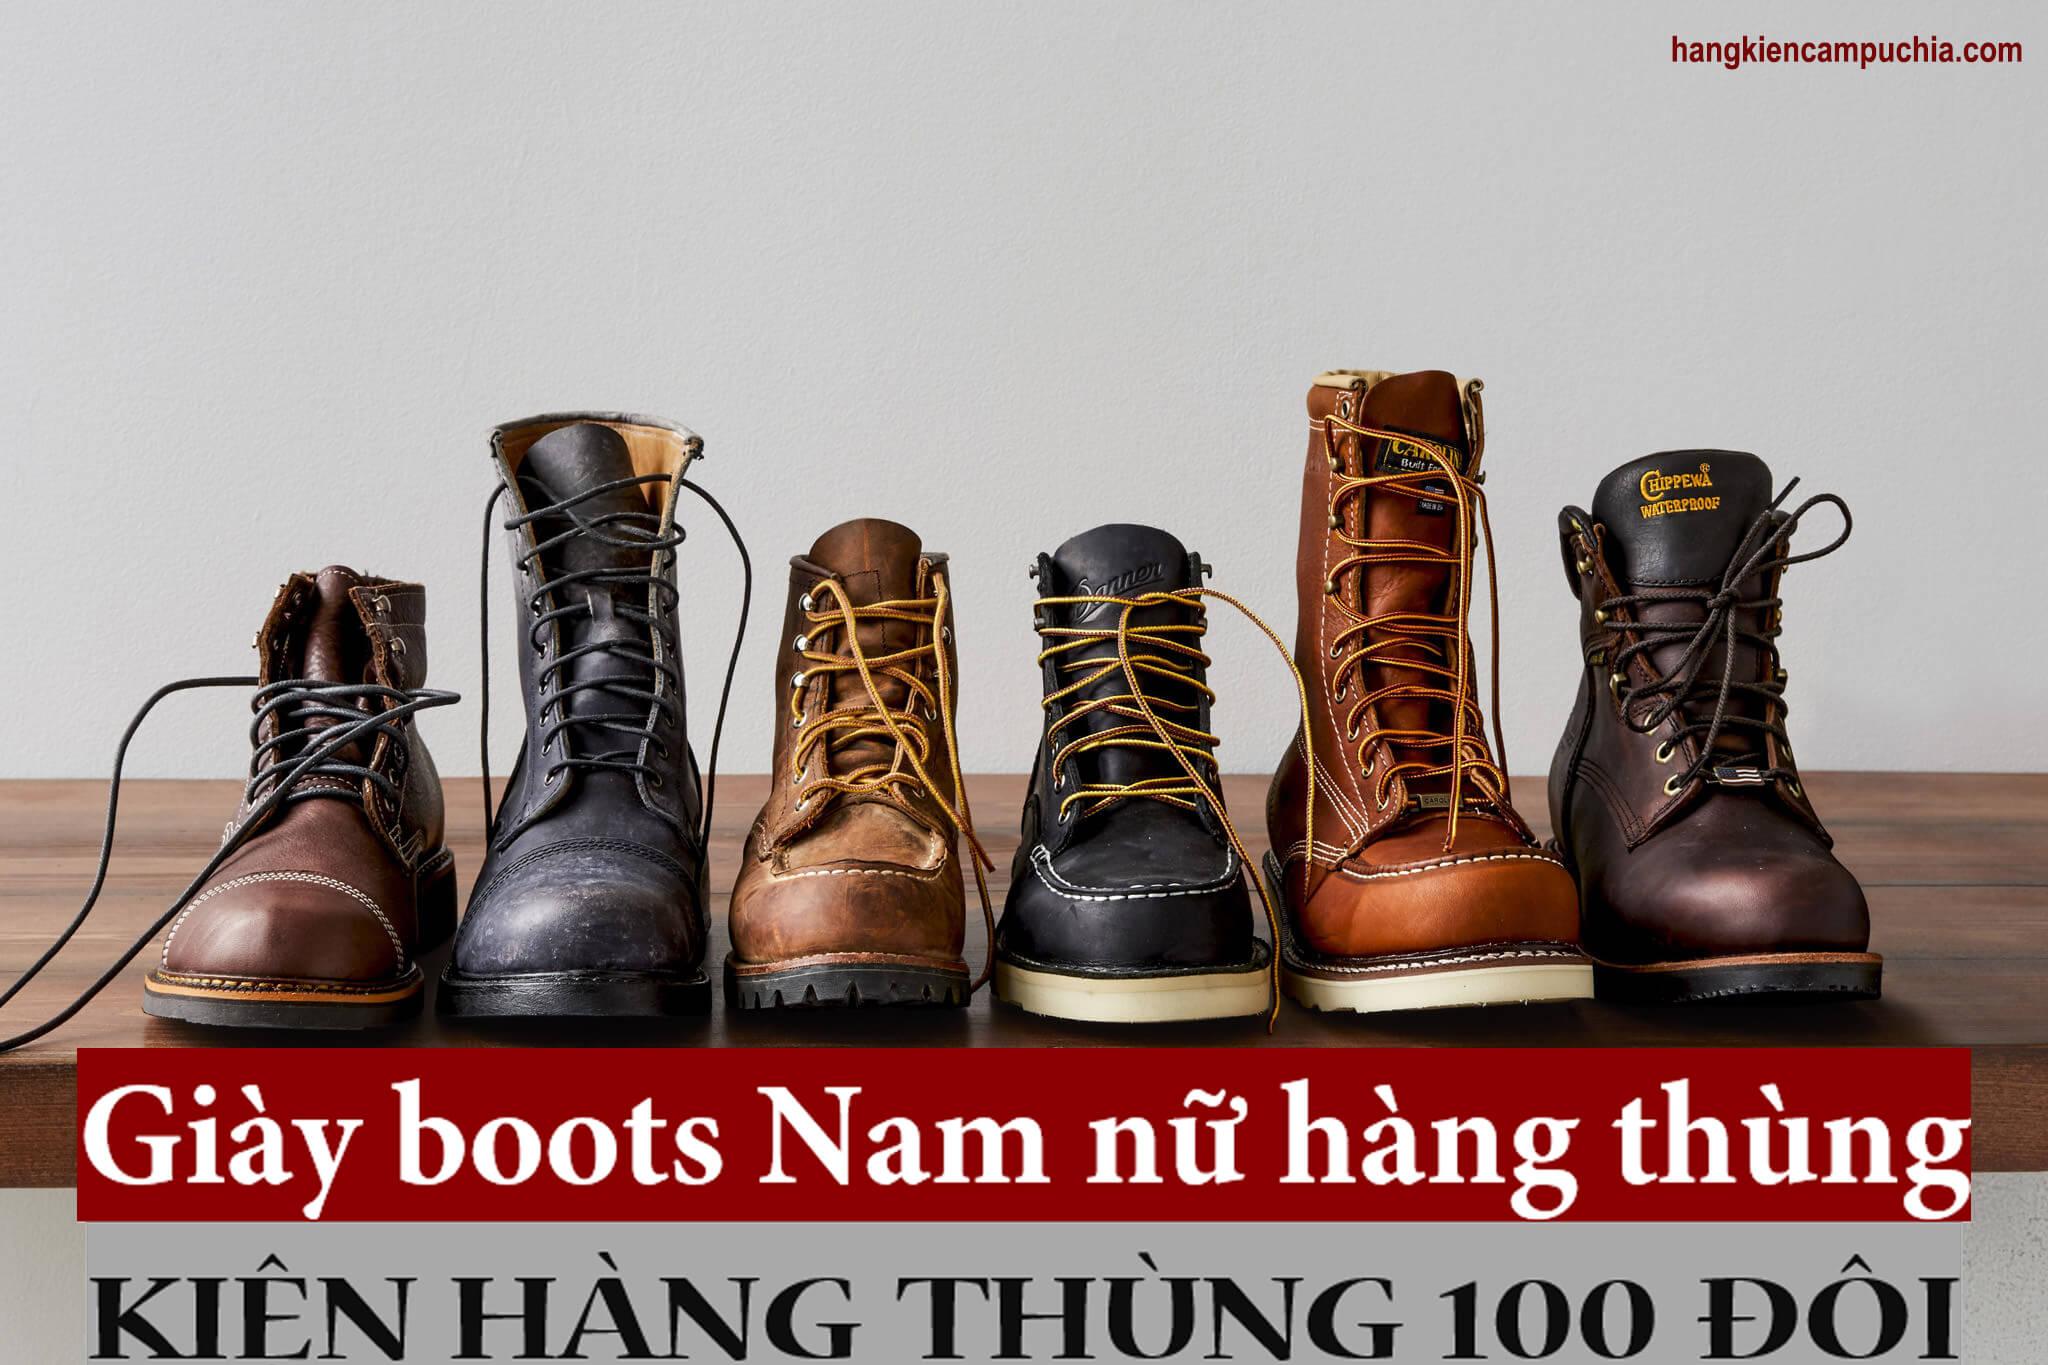 Kiện hàng Giày boots hàng thùng Nam Nữ | Thùng 100 đôi